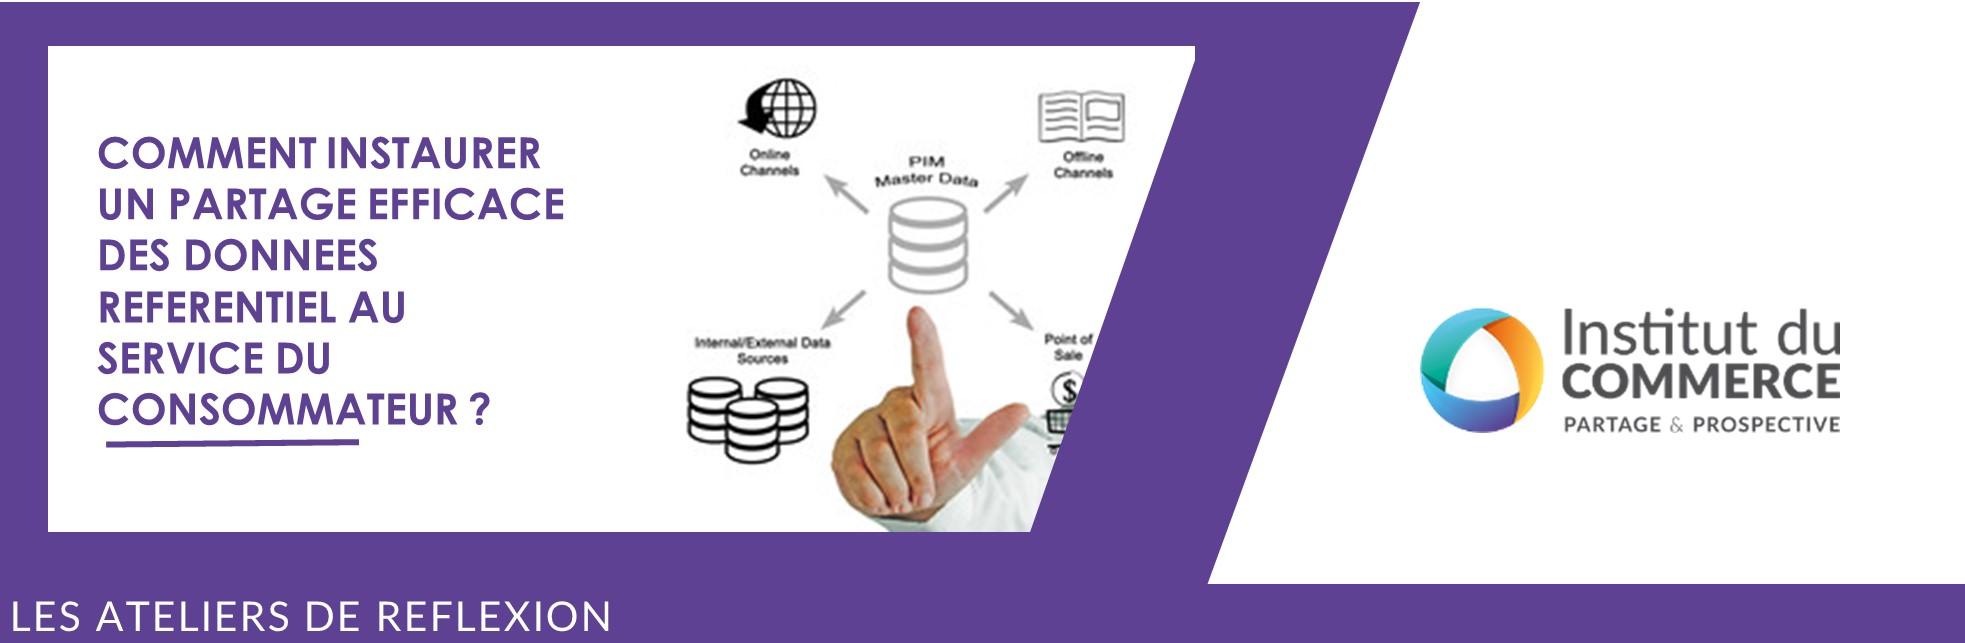 Comment instaurer un partage efficace de données référentiel au service du consommateur?